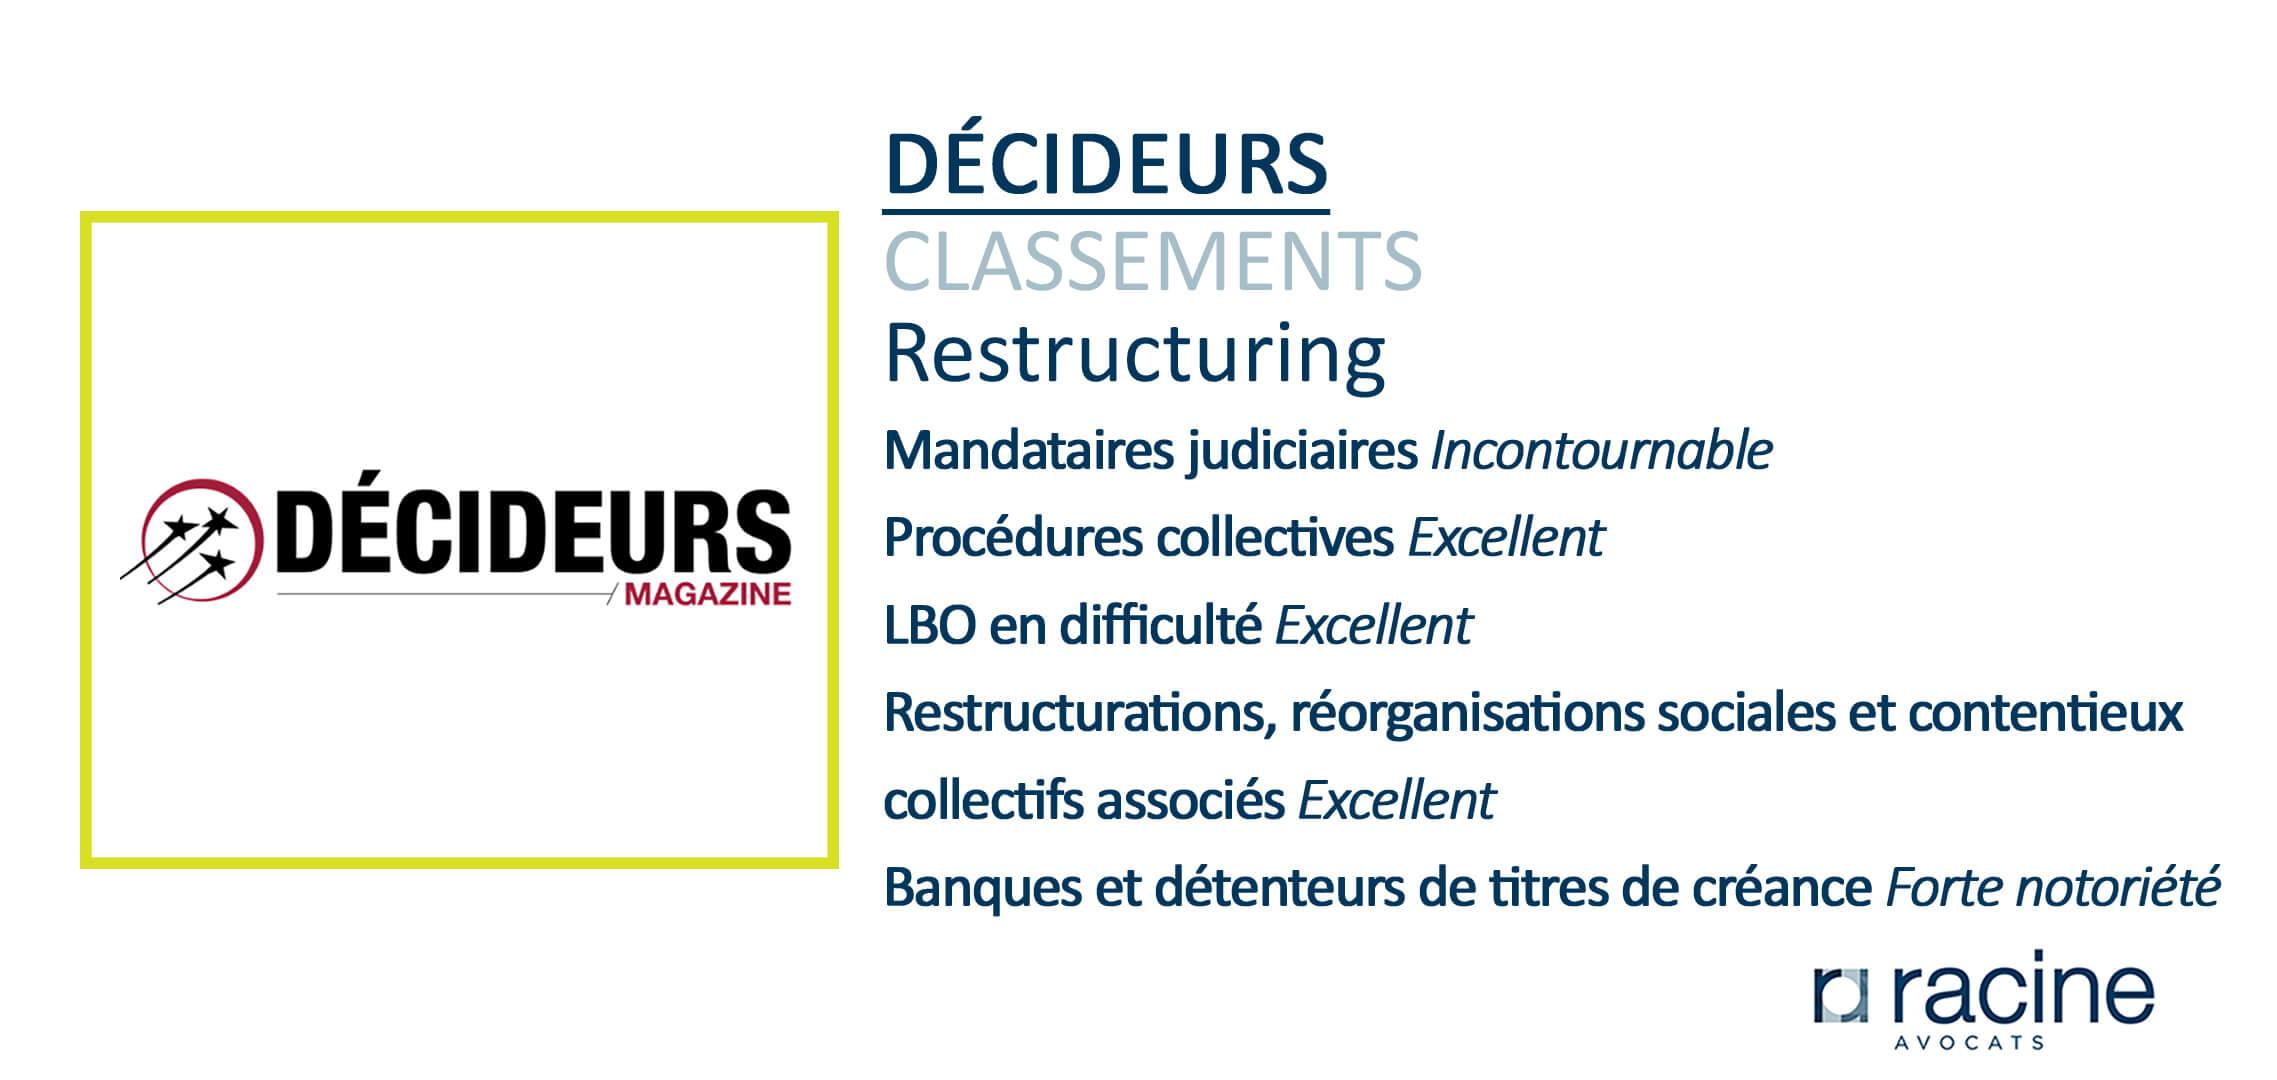 Décideurs Classement Restructuring